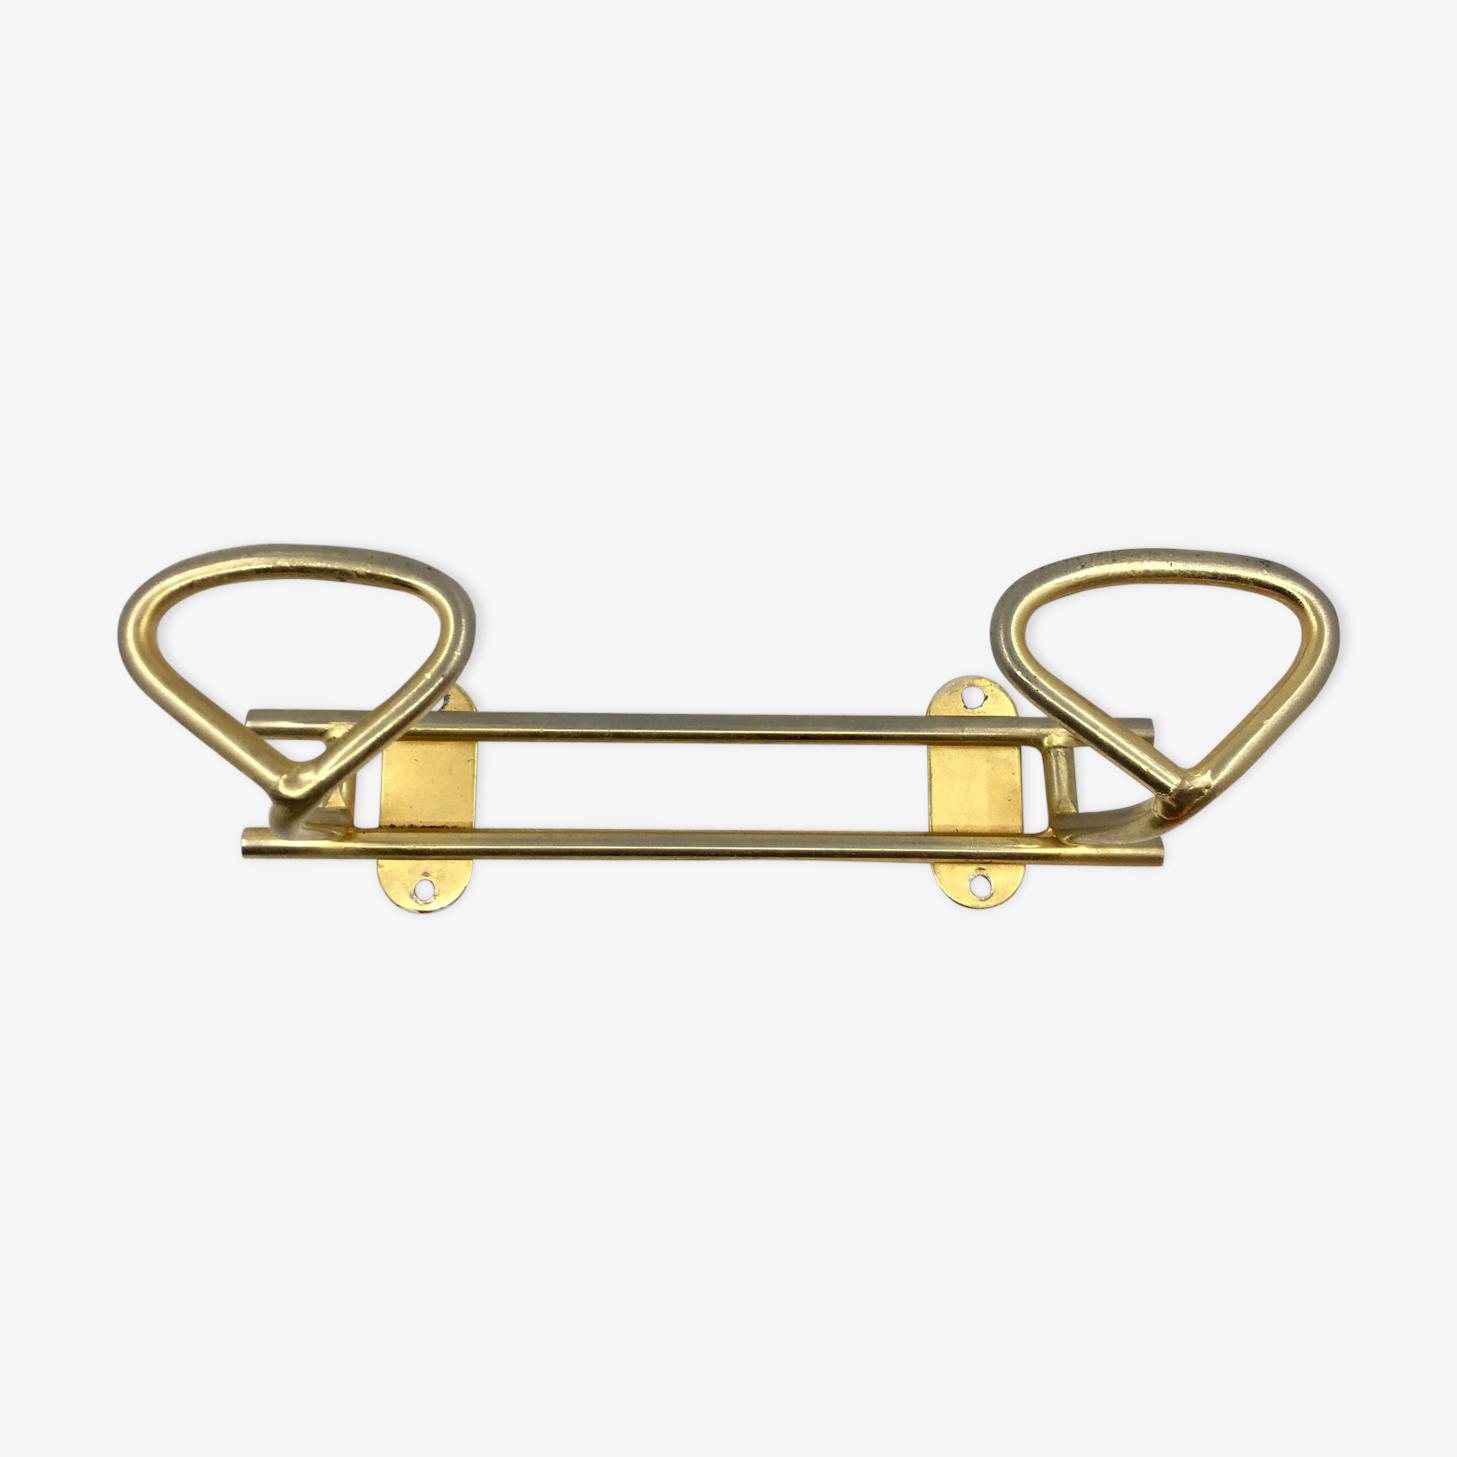 Coatrack retro gold steel